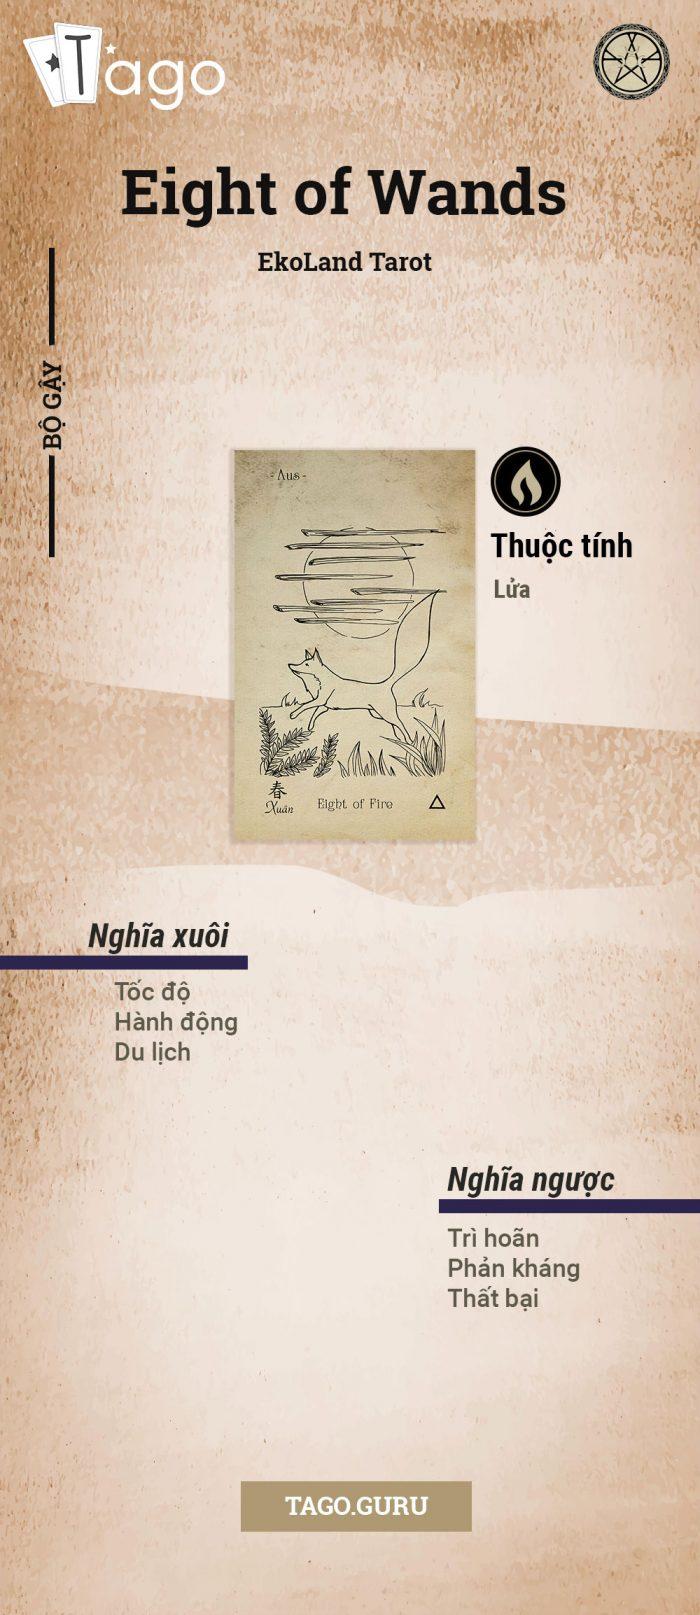 TAGO-Info-Bai-Tarot-Eight-of-wands